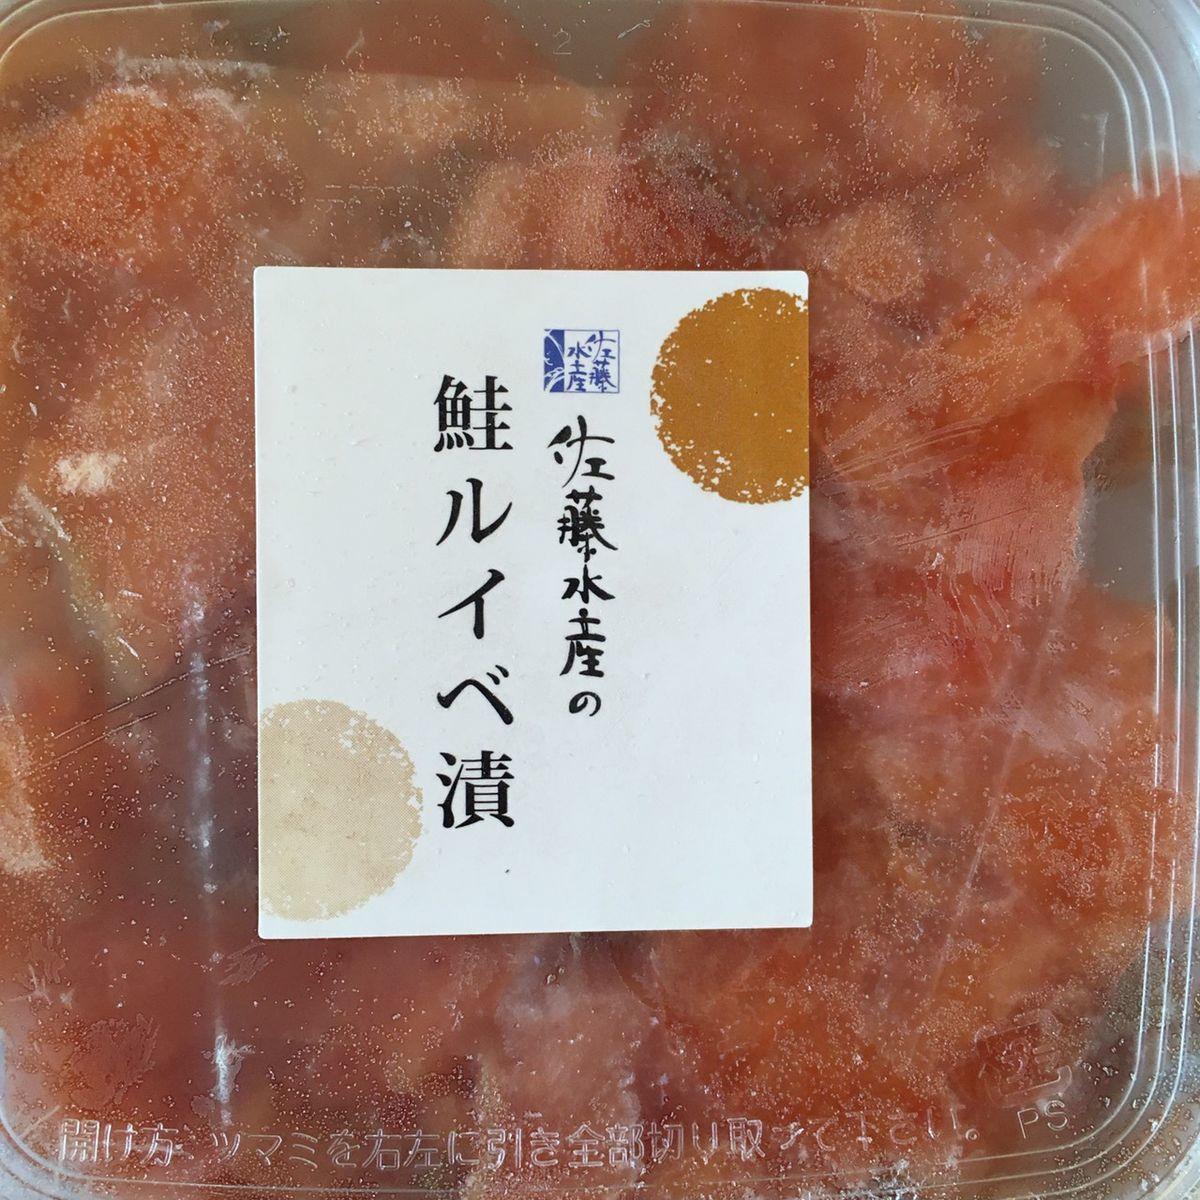 佐藤水産 鮭ルイベ漬け 北海道復興支援便 楽天